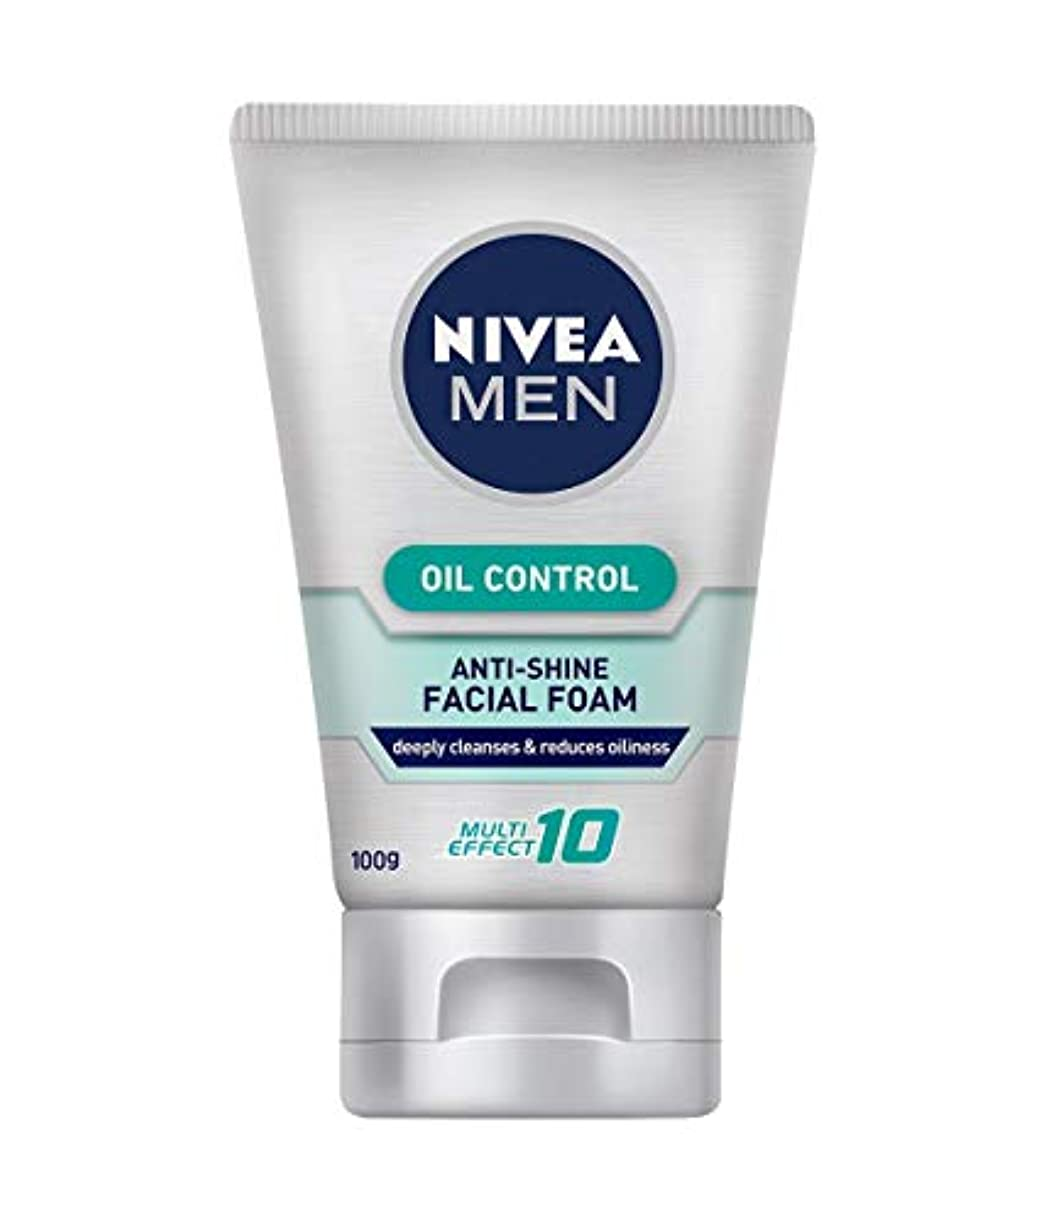 トレーニング暴露する接尾辞Nivea For Men オイルコントロールクレンザー百グラム、にきびの問題を軽減しながら、炎症を和らげます。